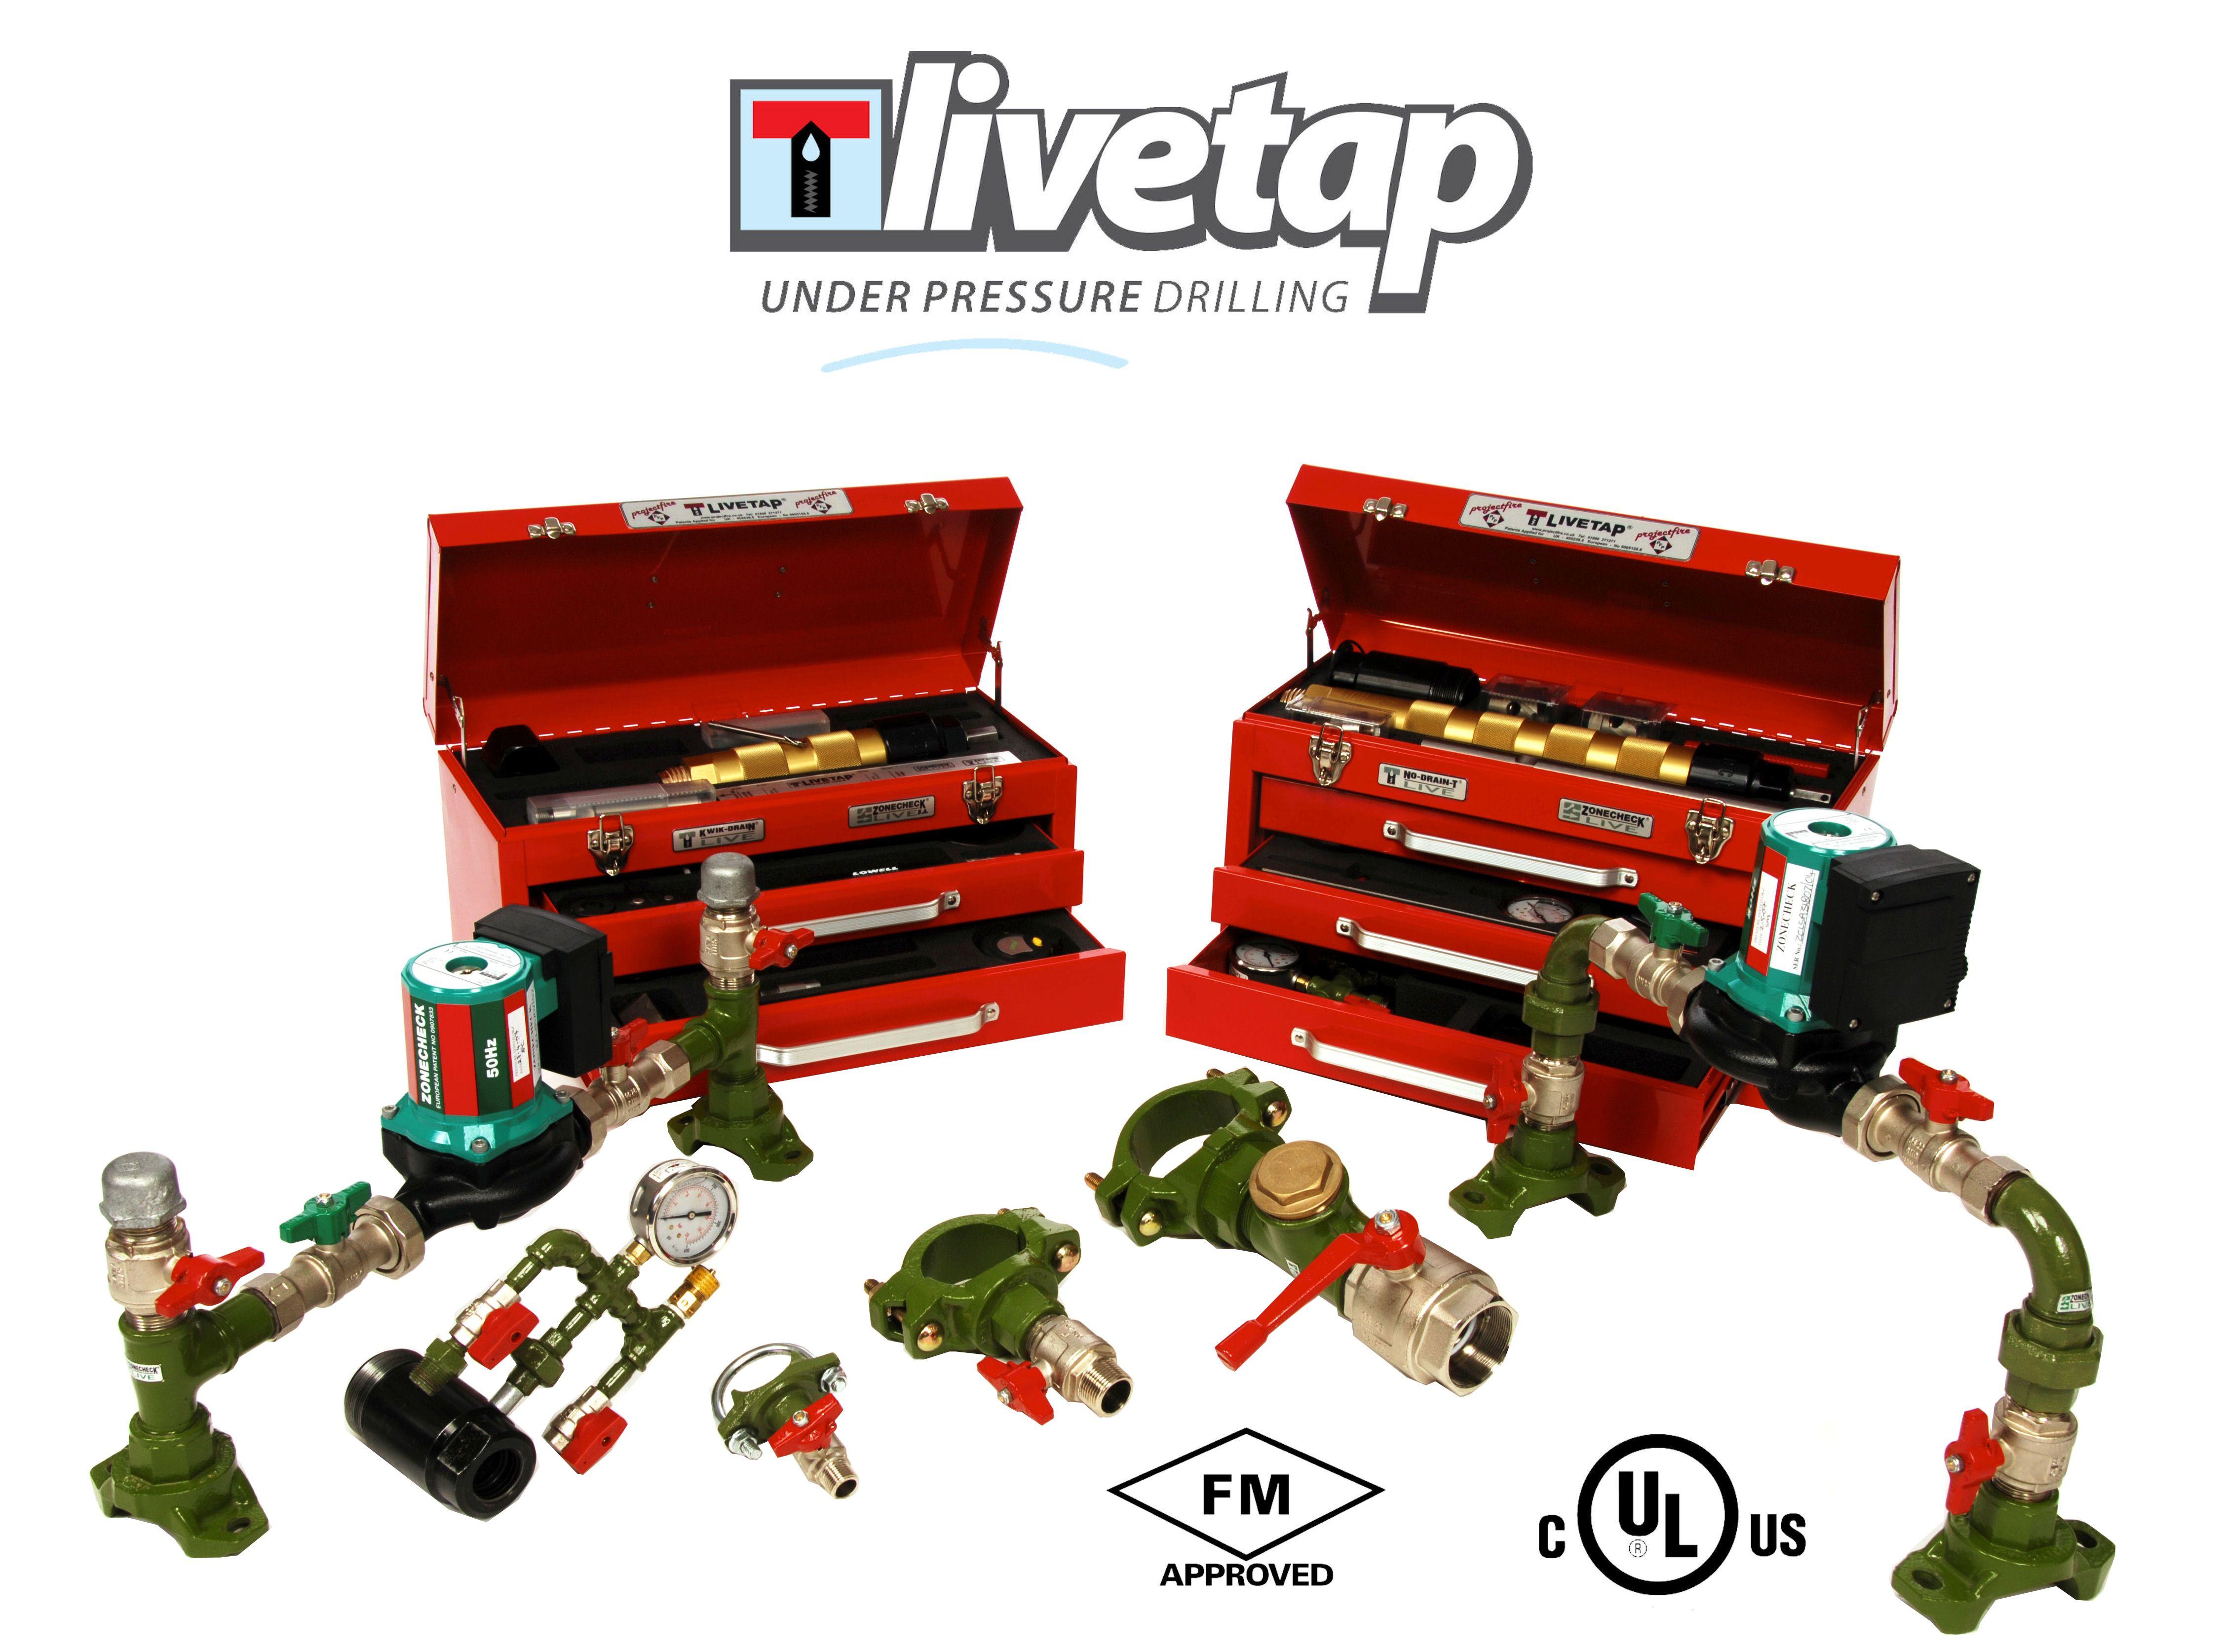 Livetap system